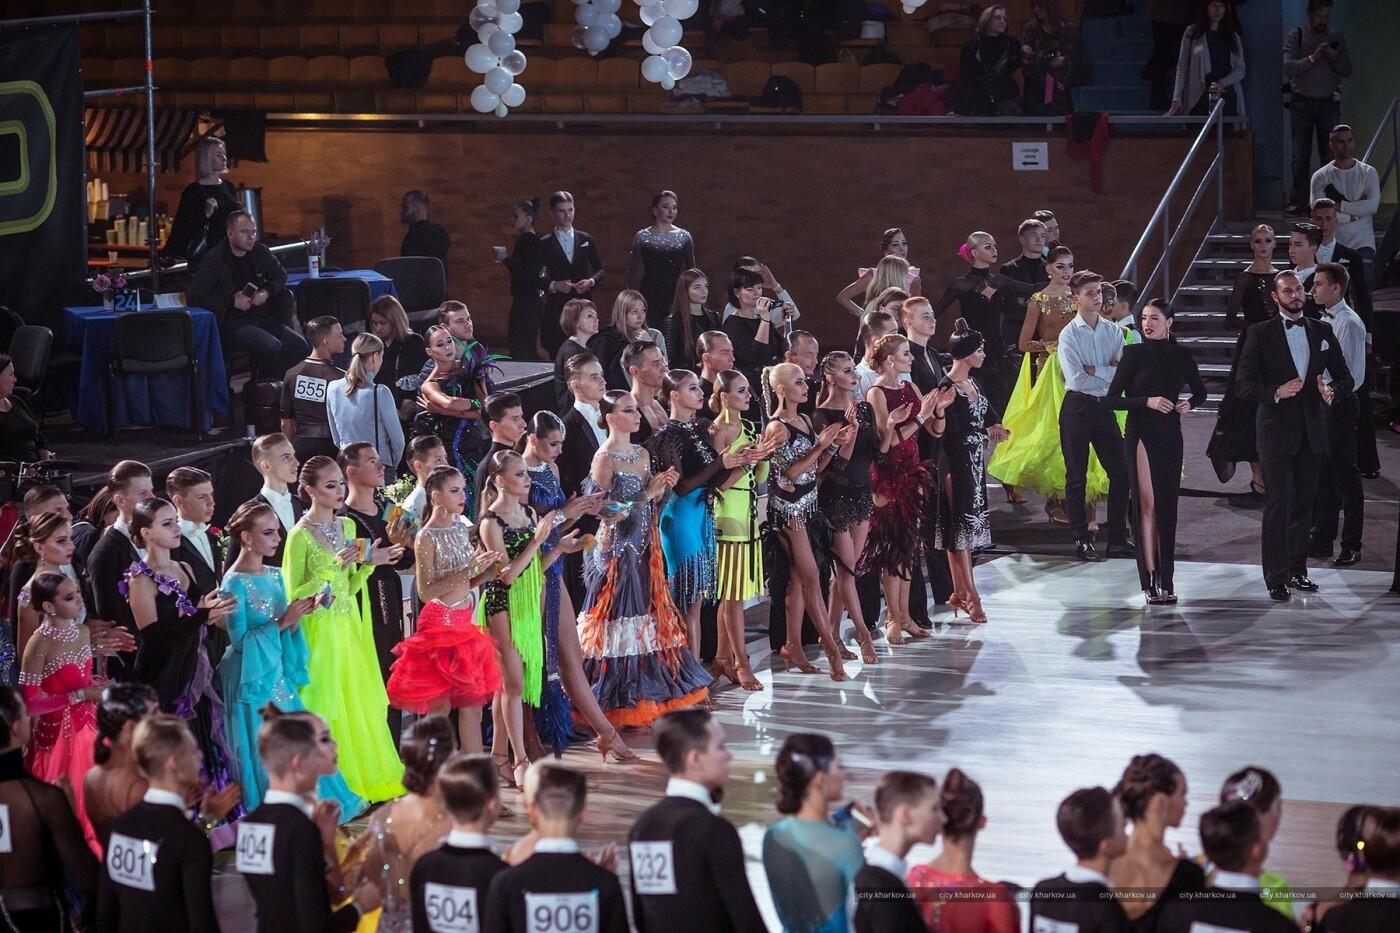 В Харькове прошел Международный фестиваль спортивного бального танца, - ФОТО, фото-3